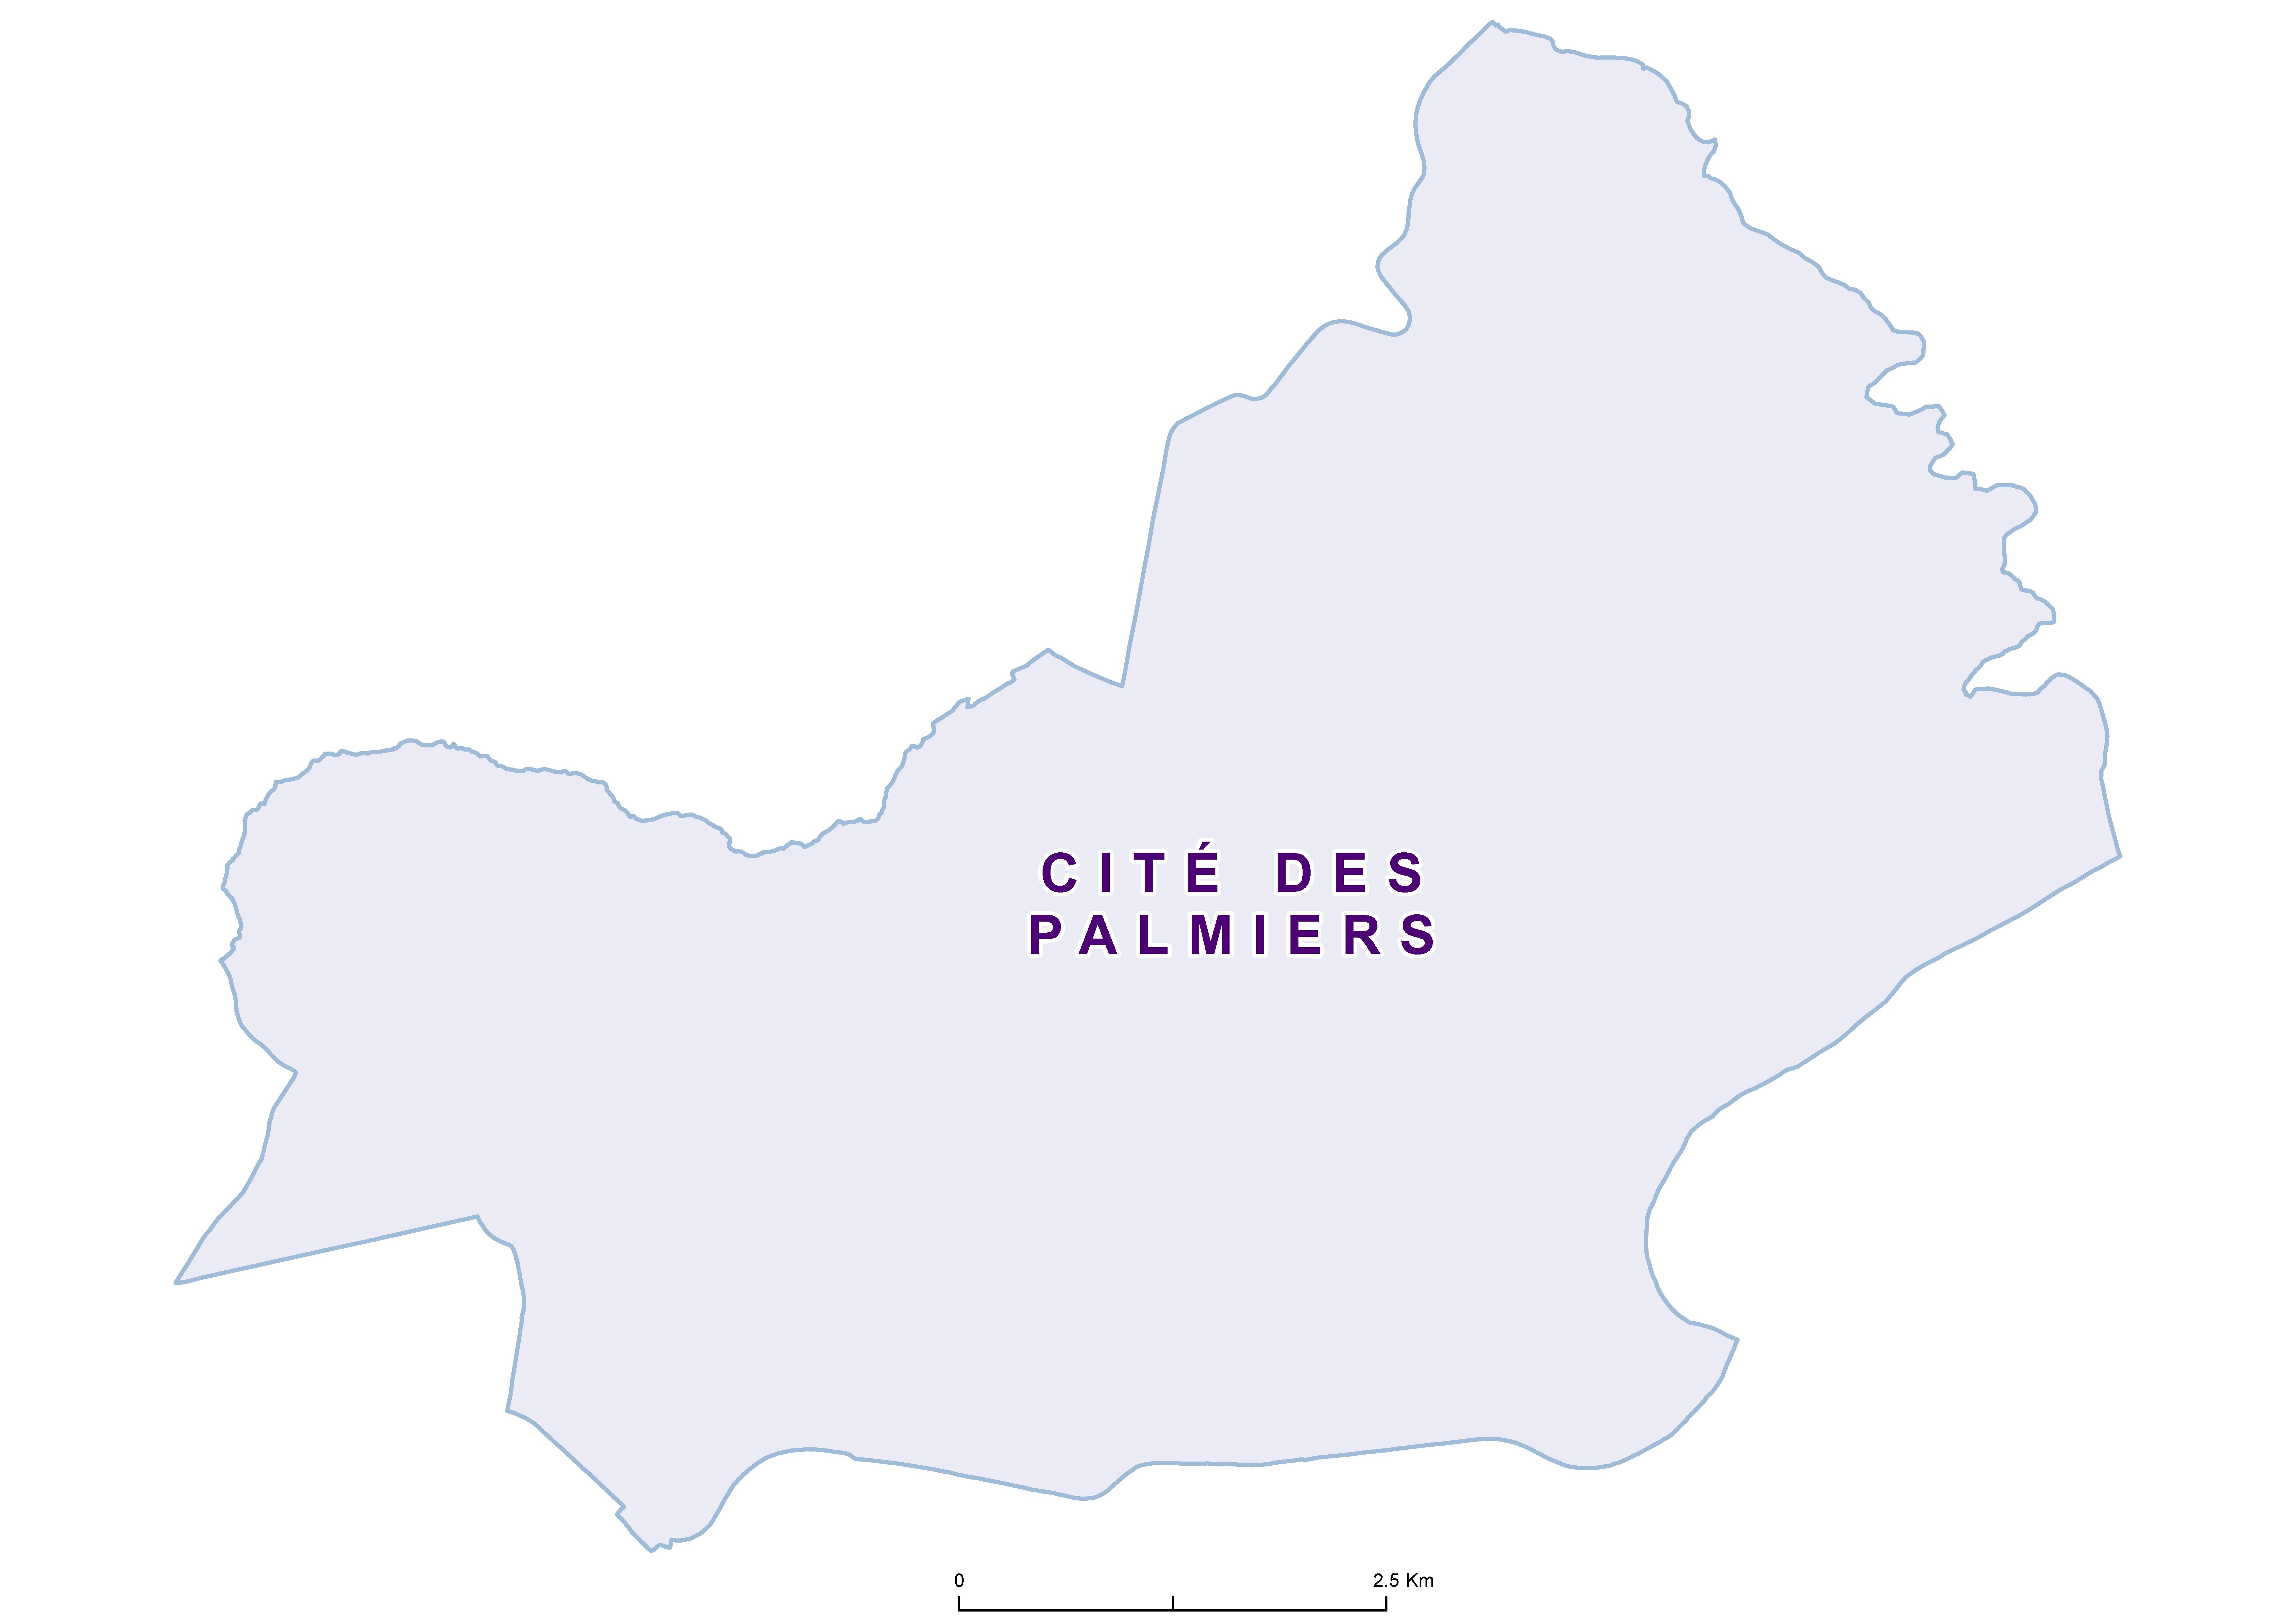 Cité des palmiers Max STH 20100001